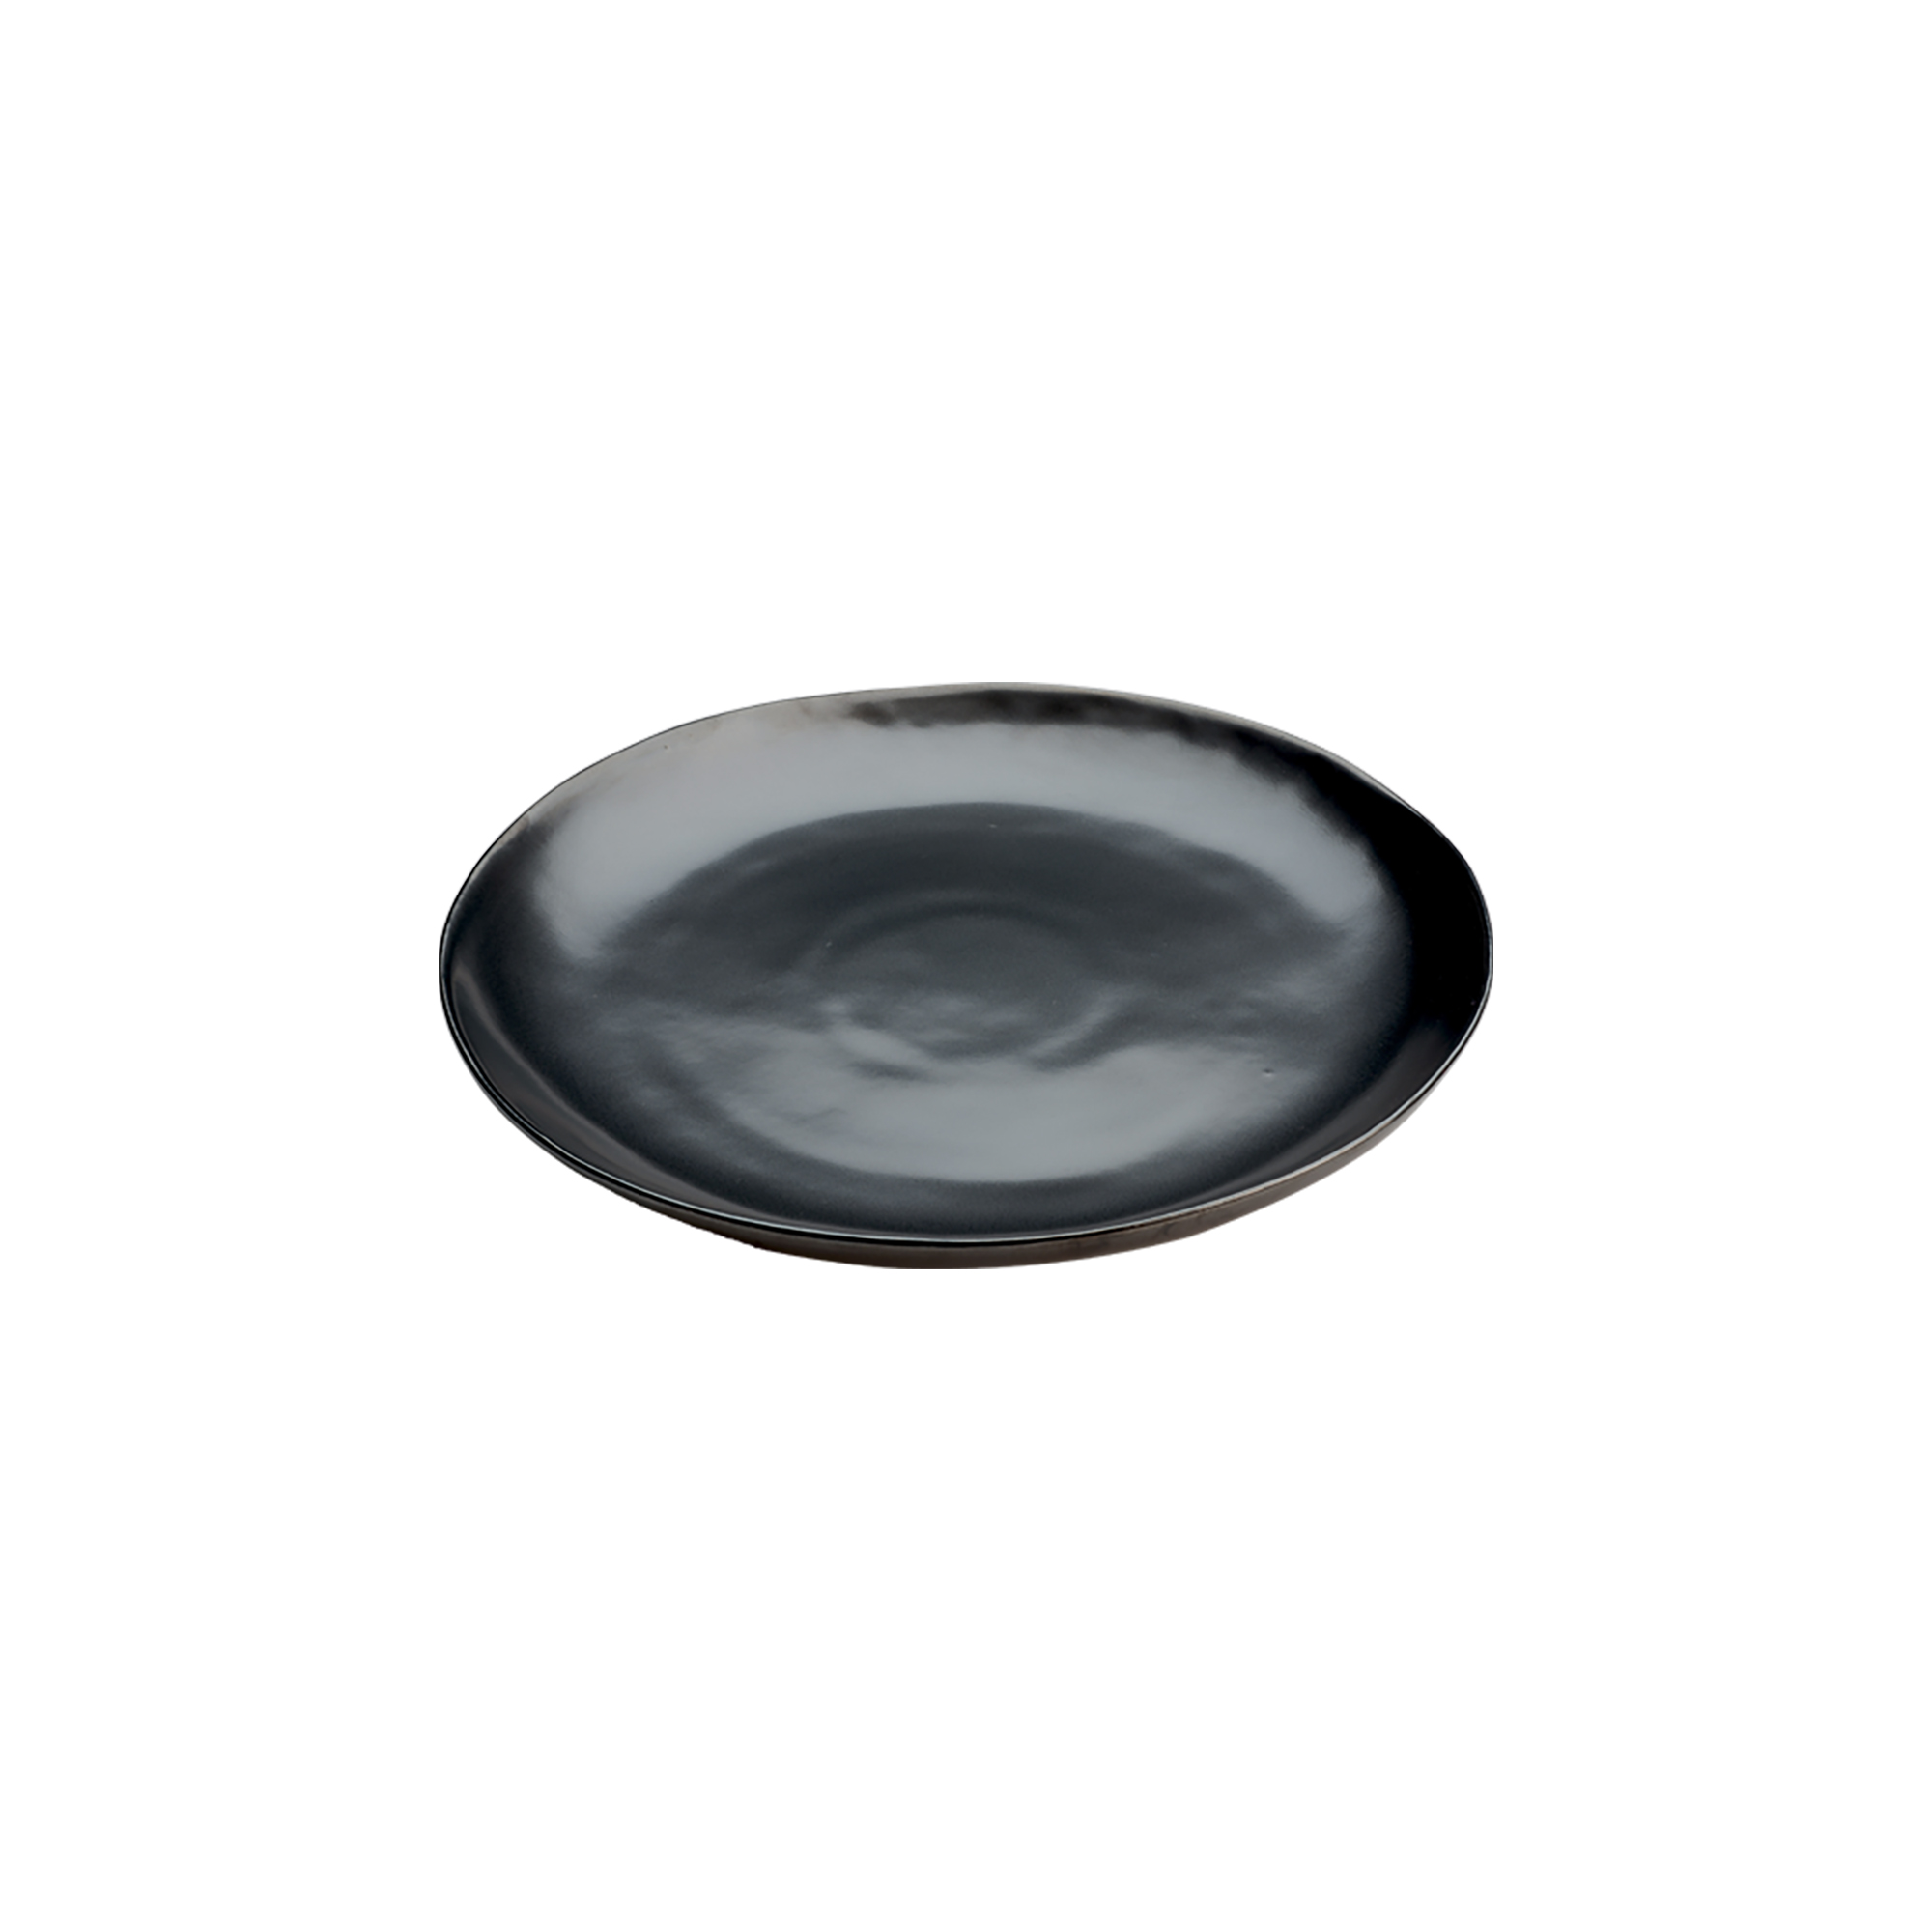 Assiette dessert en grès noir 21 cm - Lot de 6